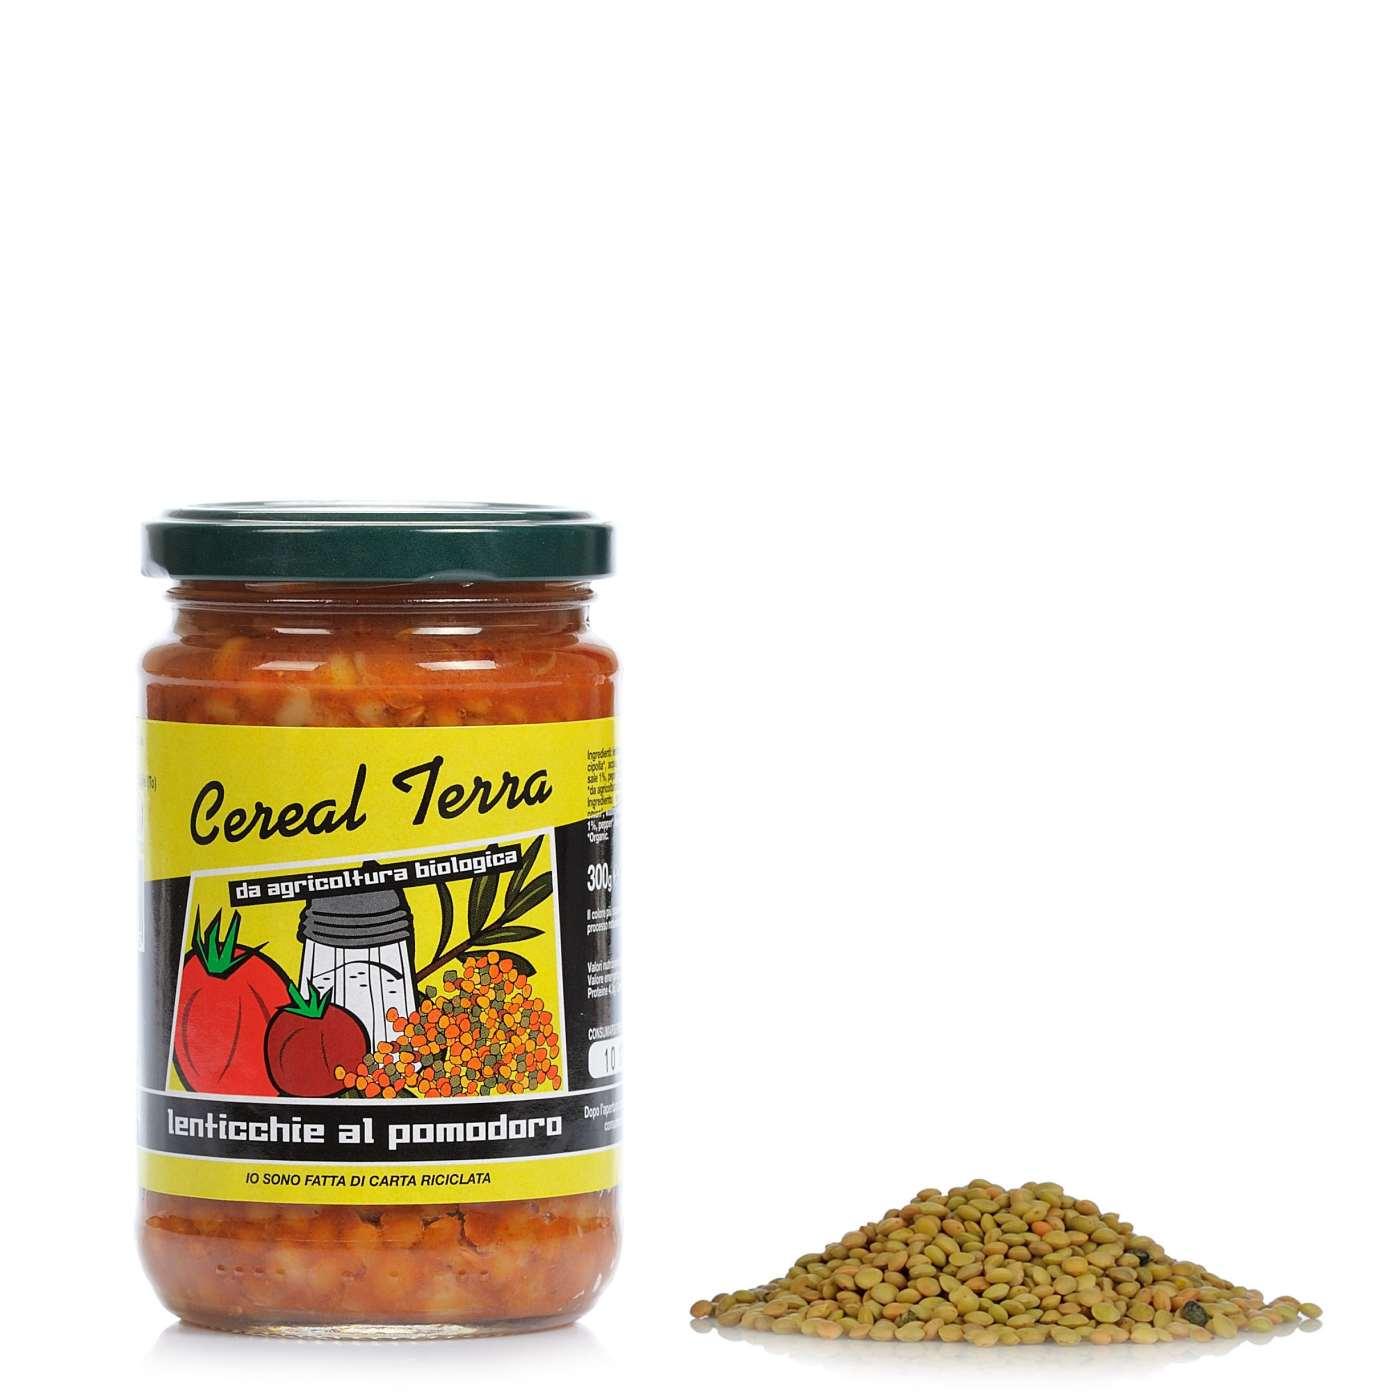 Cereal Terra Zuppa di Lenticchie e Pomodoro 300g